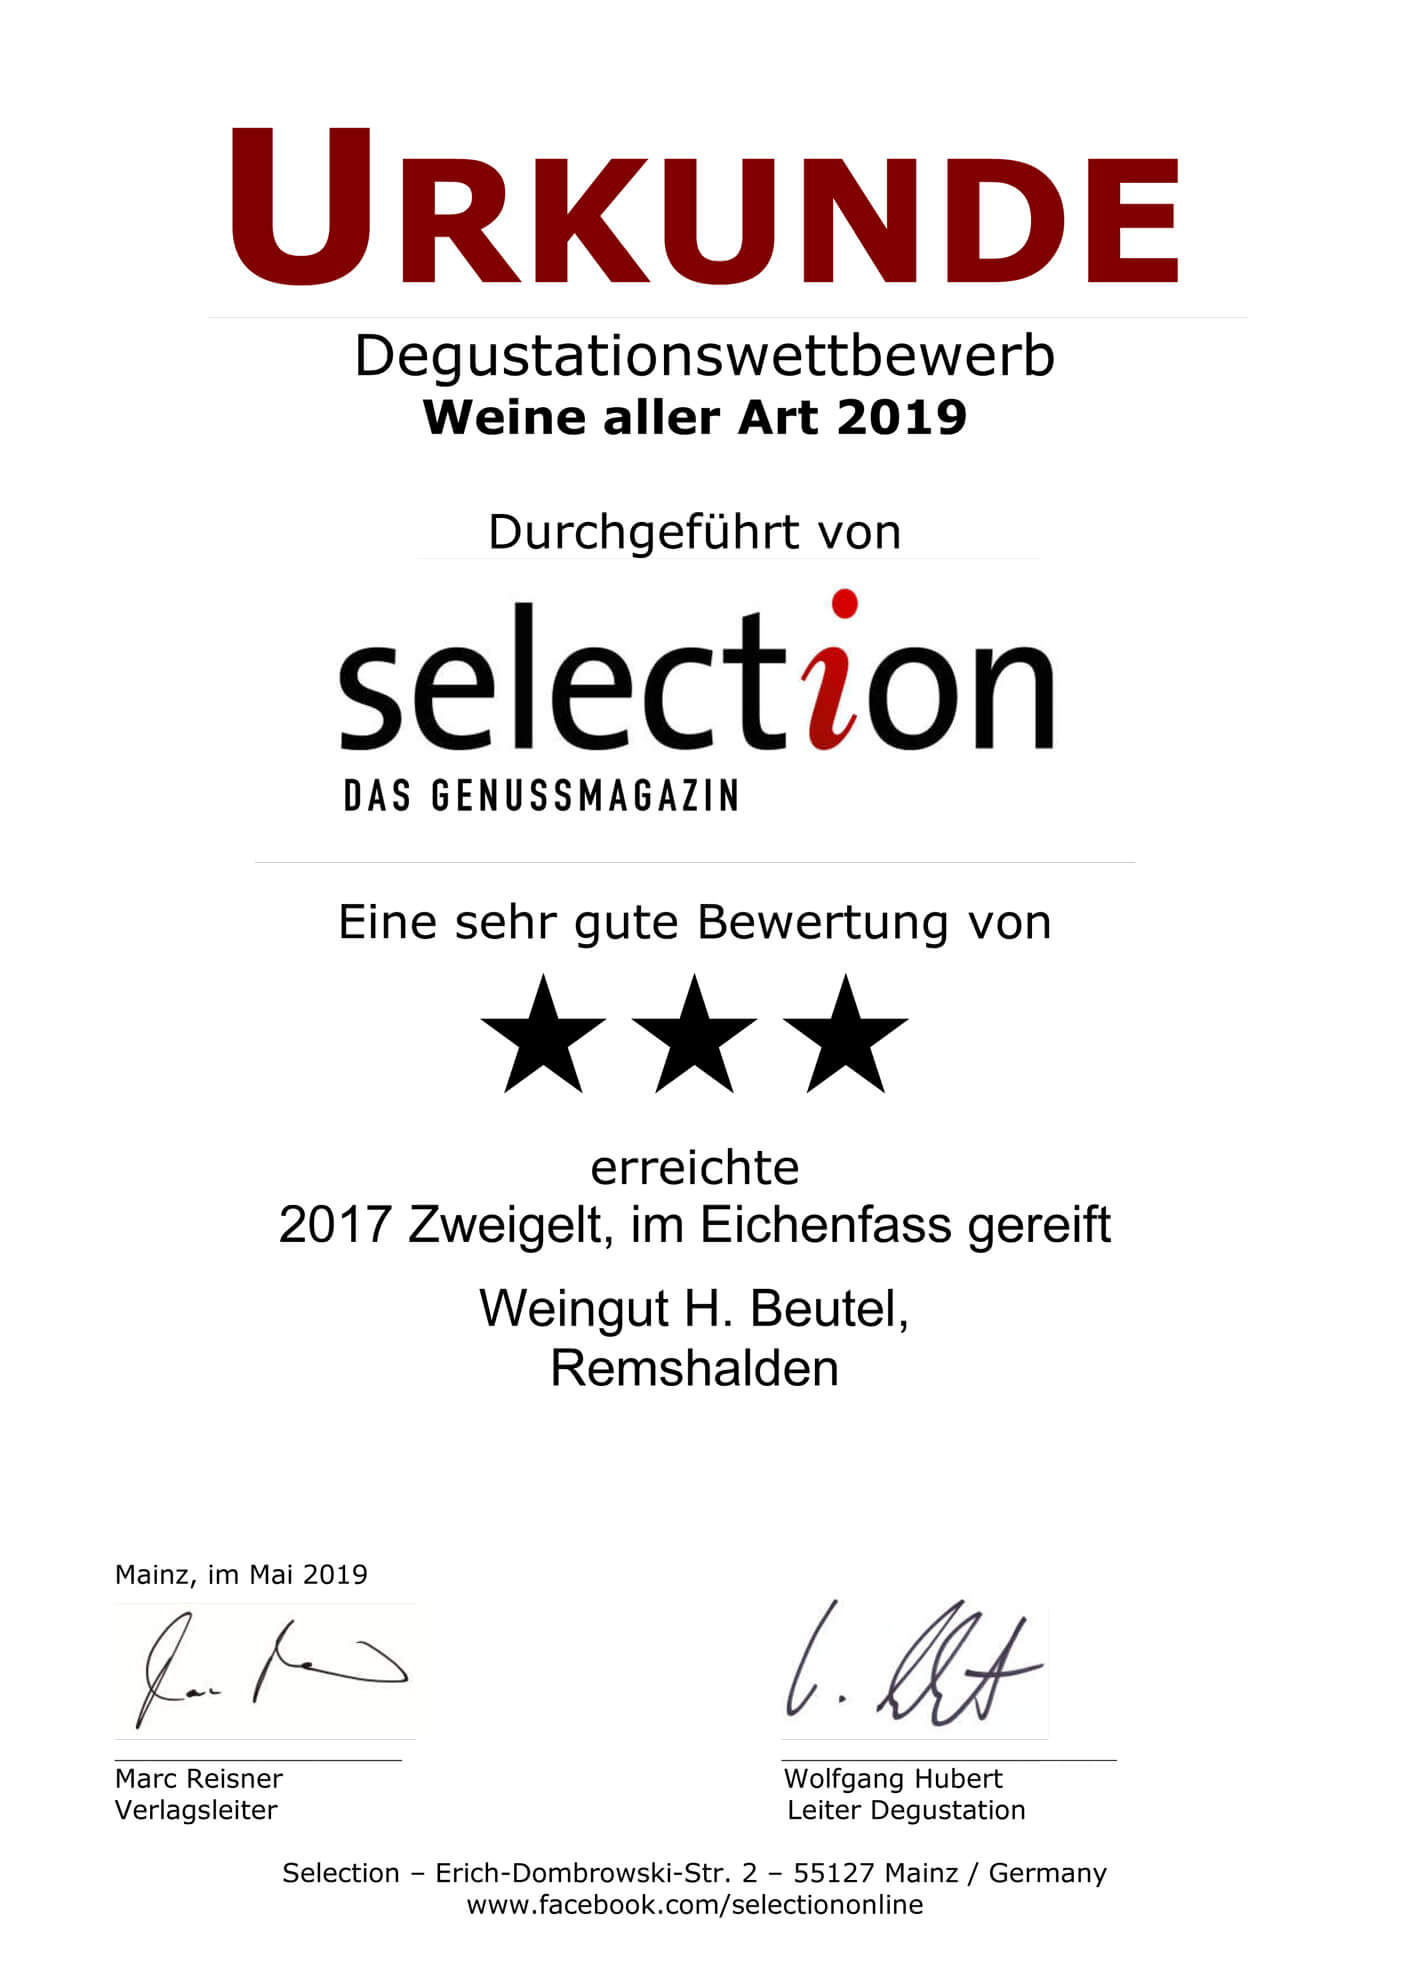 Selection Urkunde Zweigelt im Eichenfass gereift 2017